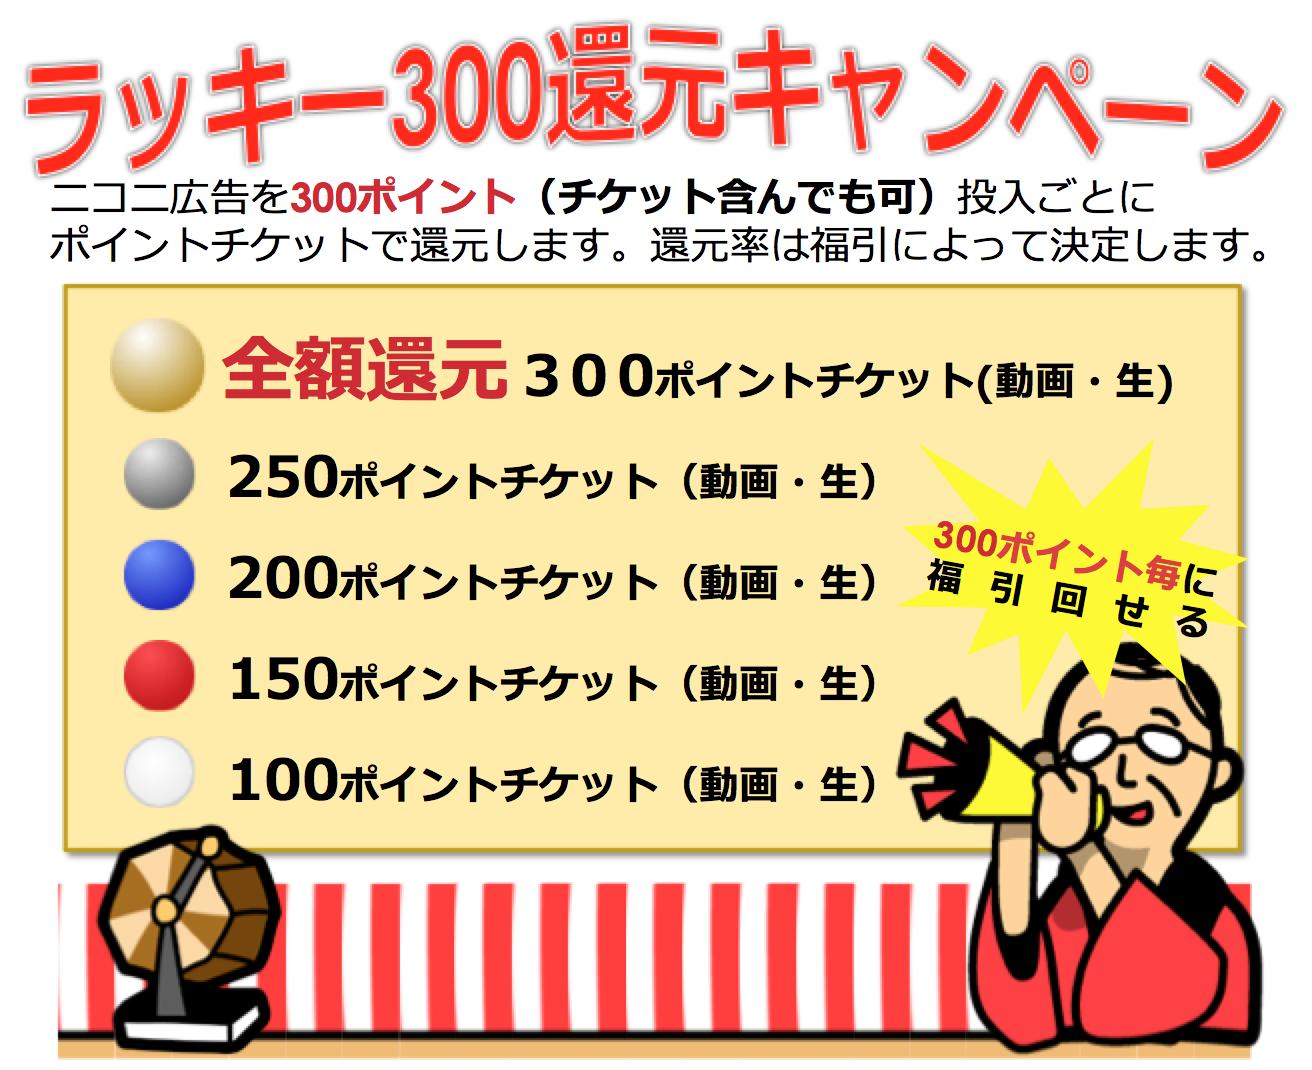 ラッキー300